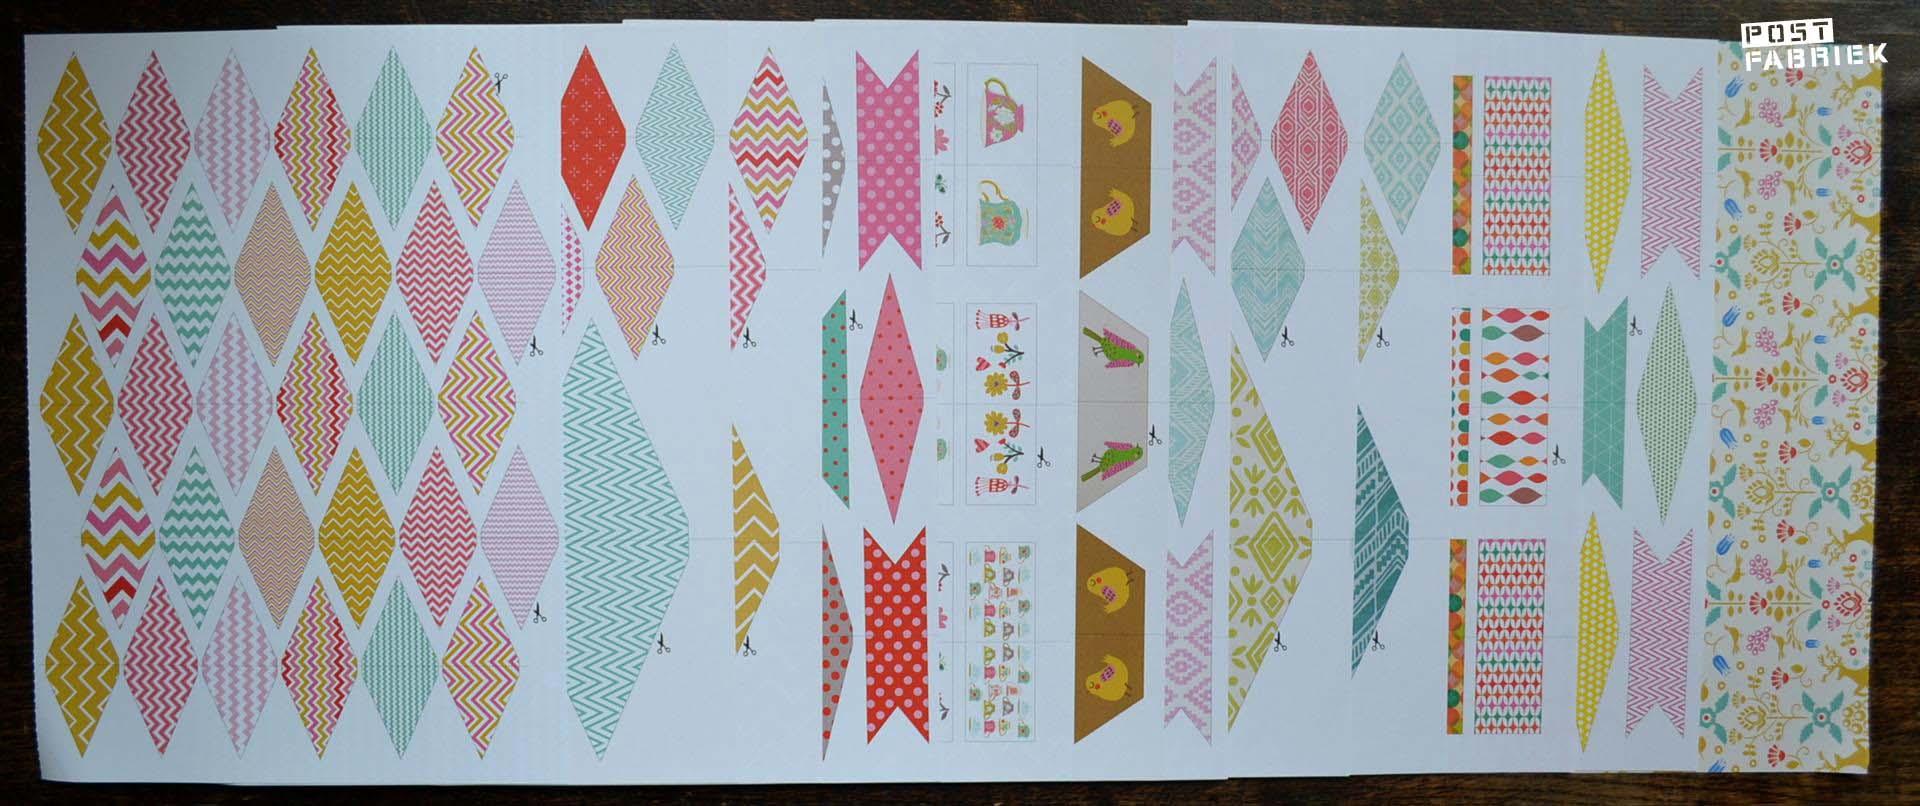 verschillende pagina's met uit te knippen vlaggetjes en prikkers